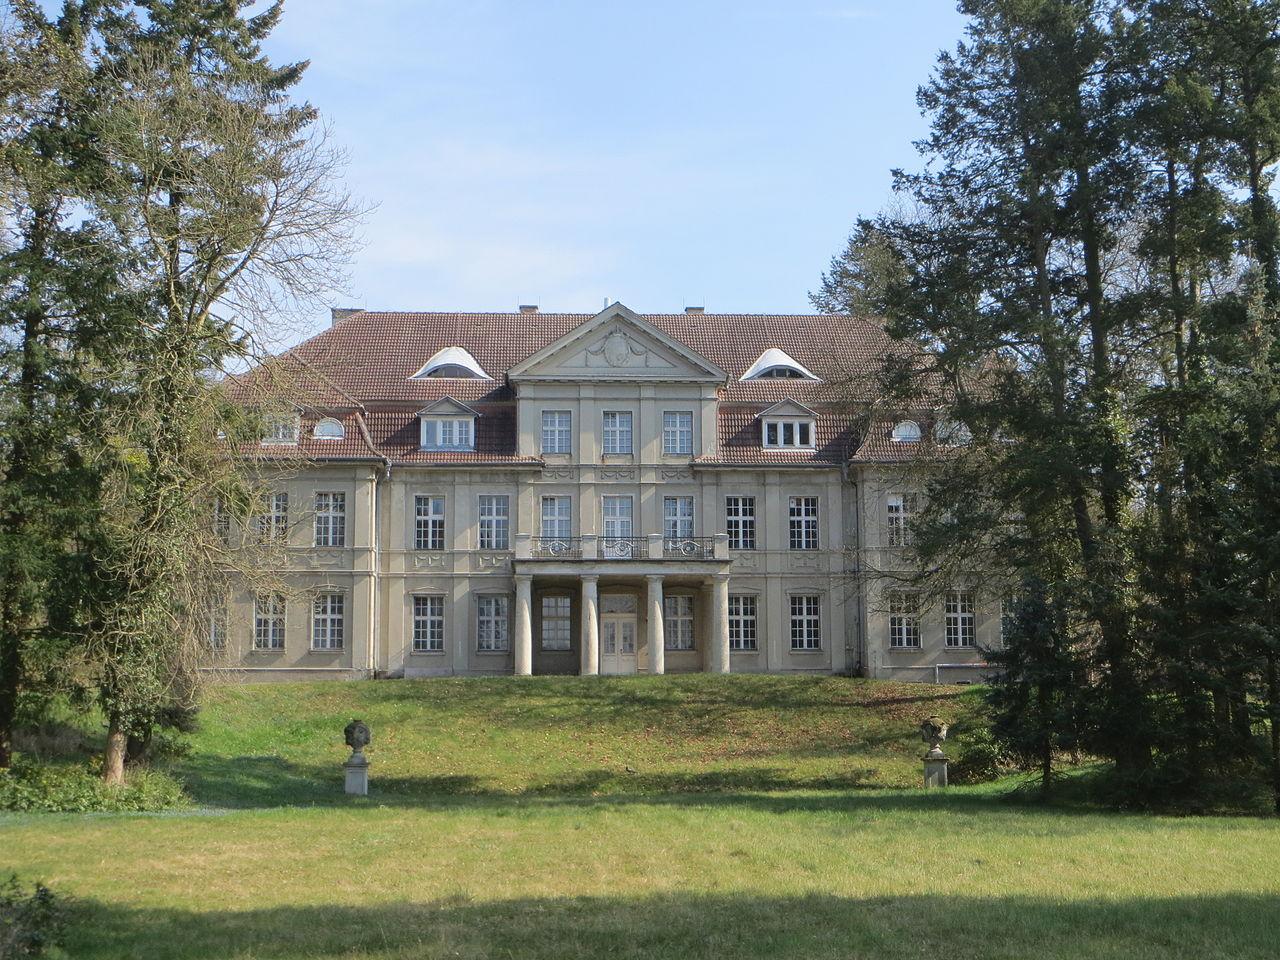 Нойштрелиц, Германия: самые интересные достопримечательности, что посетить, где вкусно поесть, отзывы туристов